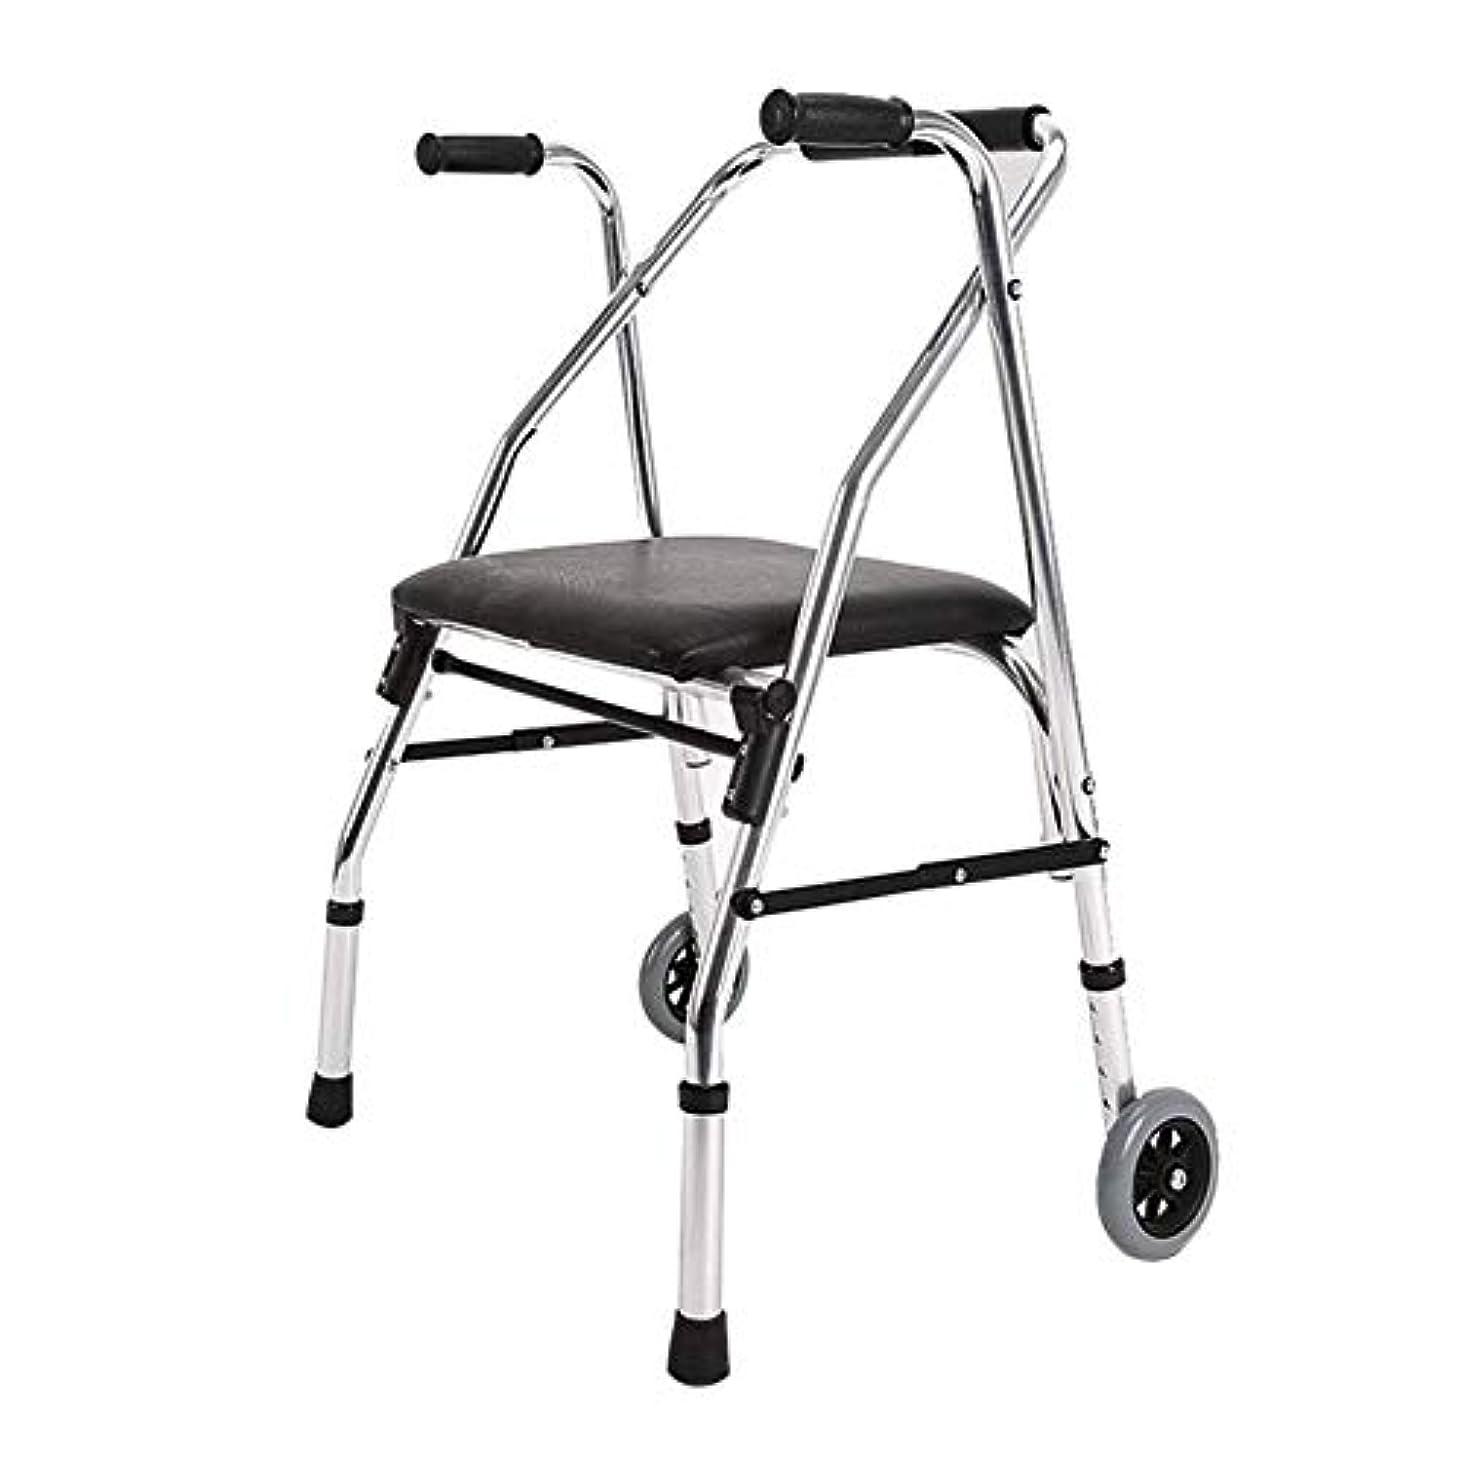 書道精度粘液軽量ウォーカー、パッド入りシートとバッグコンパクト折りたたみデザイン高齢者ウォーカー付きアルミニウムローラー